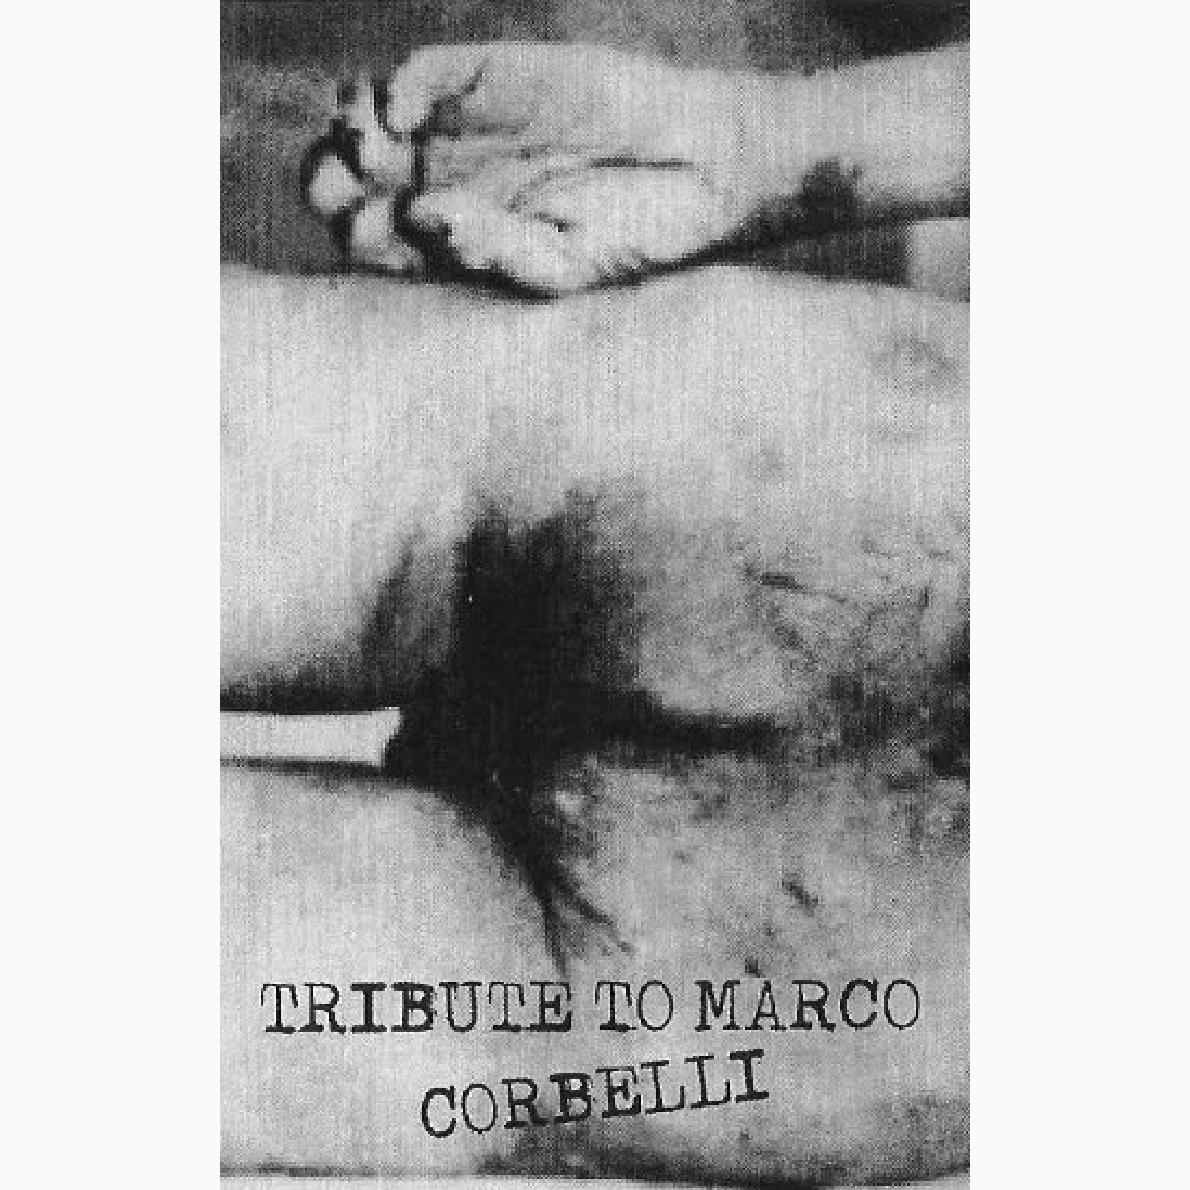 Tribute to Marco Corbelli / ATRAX MORGUE